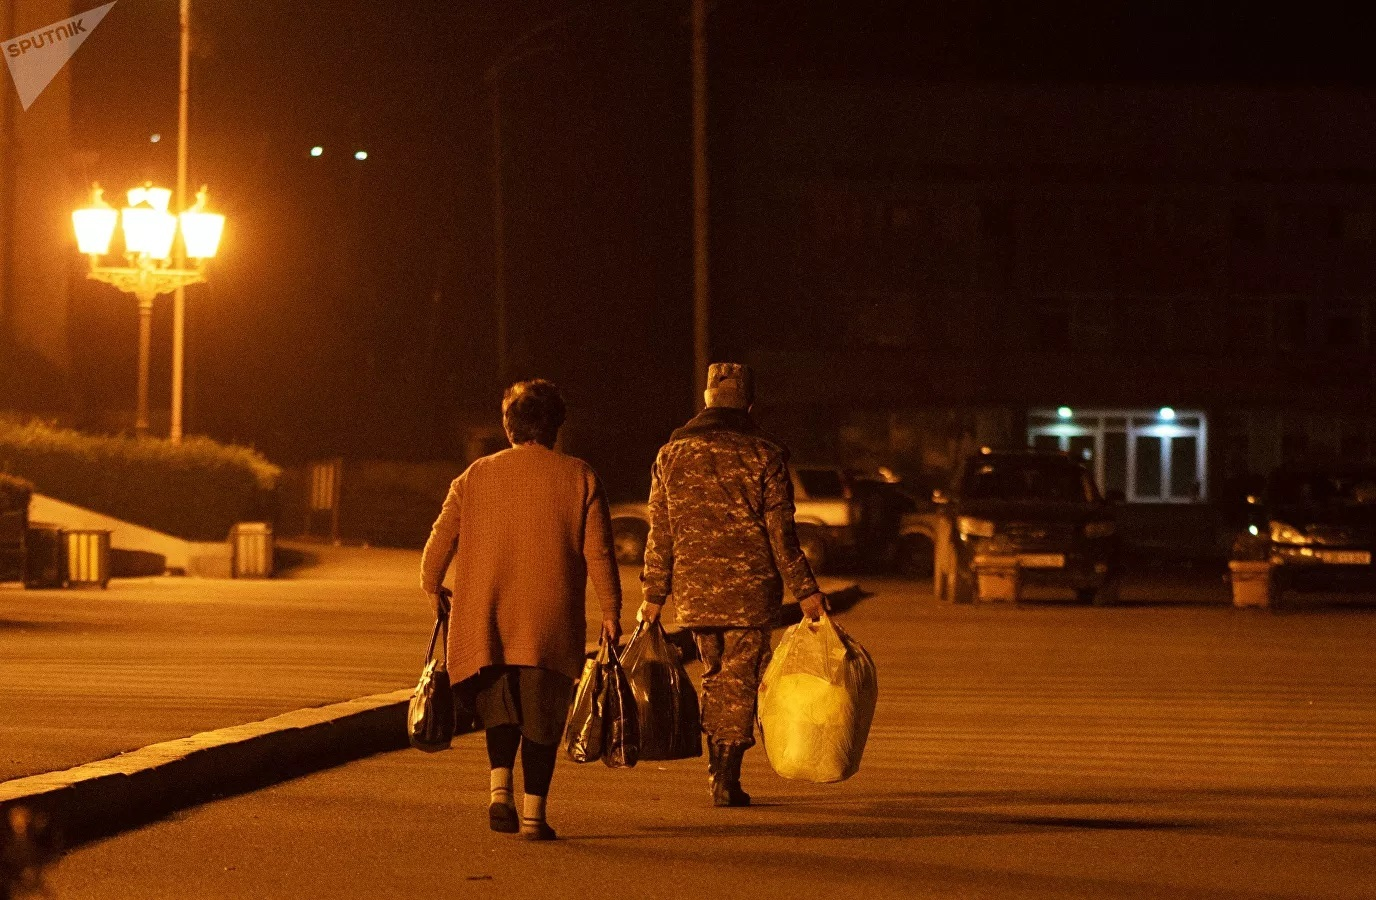 Hình ảnh cảm xúc về dòng người tị nạn trở về nhà ở Nagorno-Karabakh